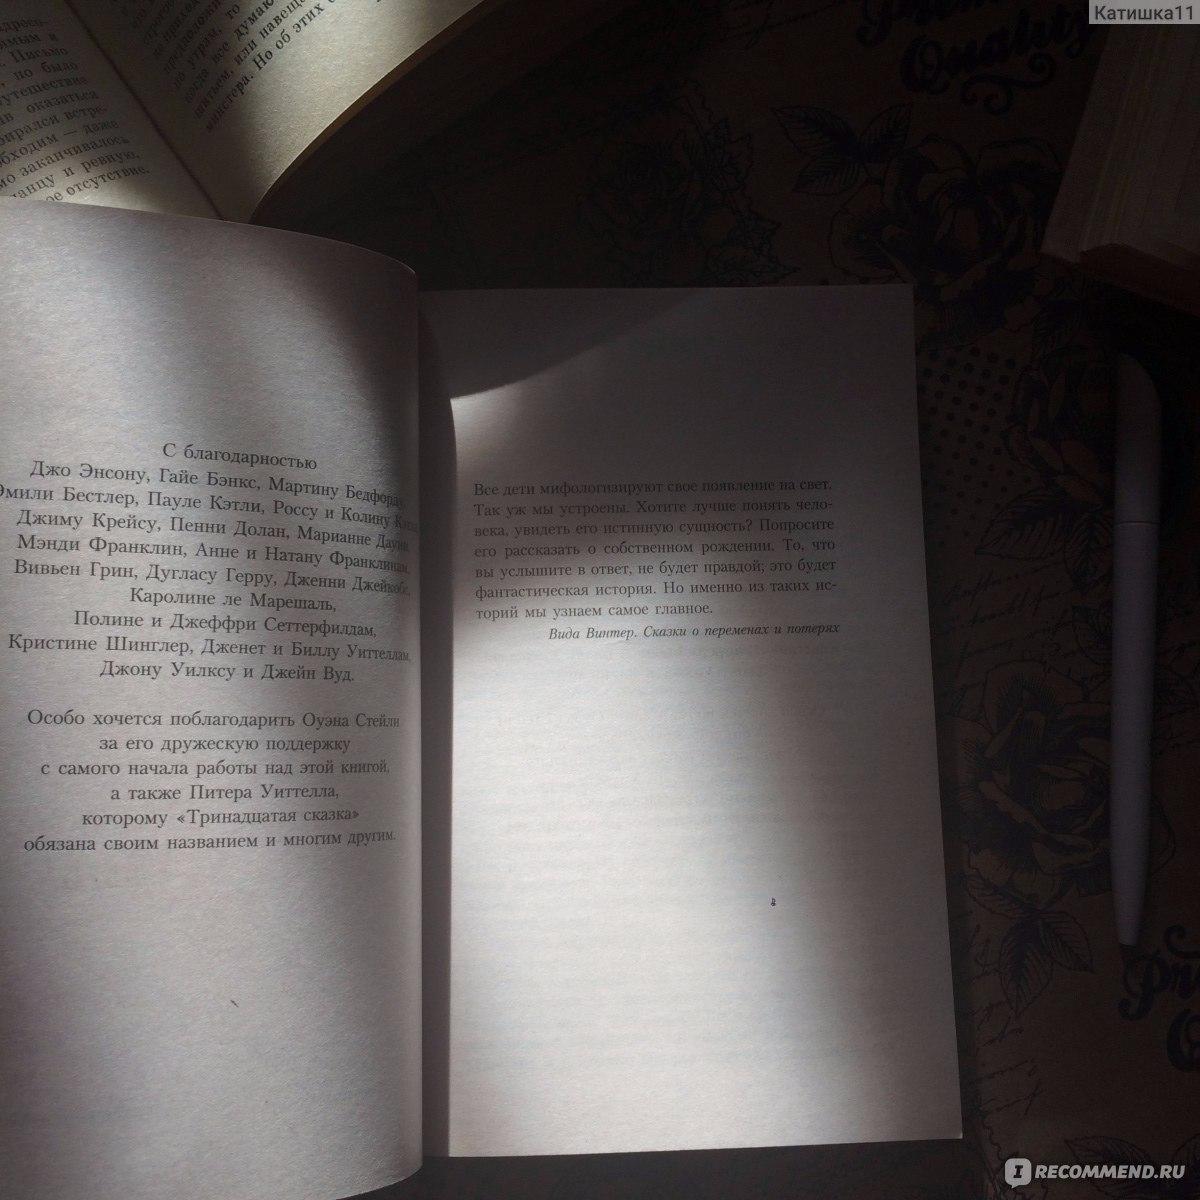 Скачать книгу тринадцатая сказка txt